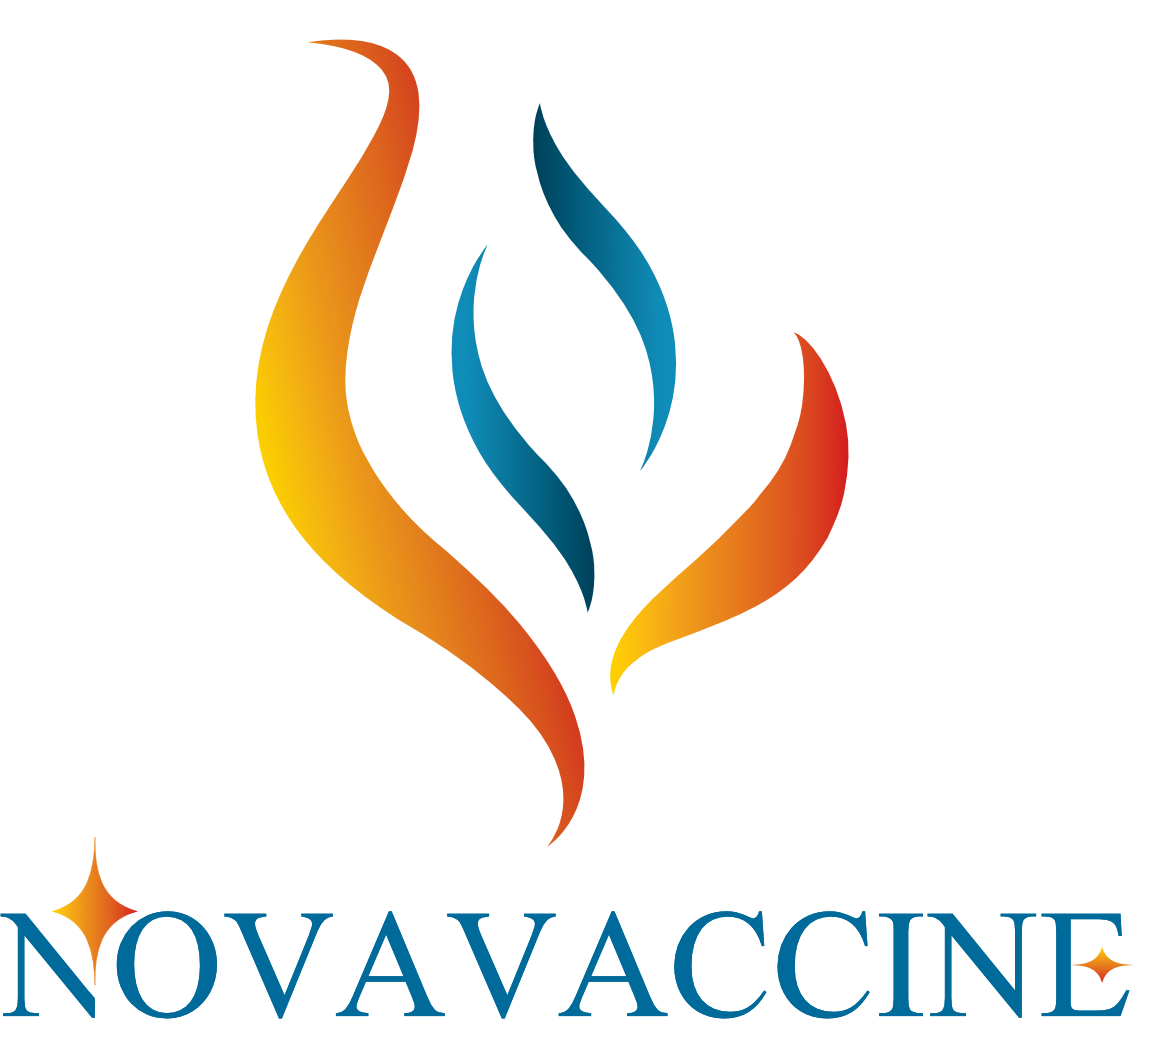 نوا واکسن NovaVaccine